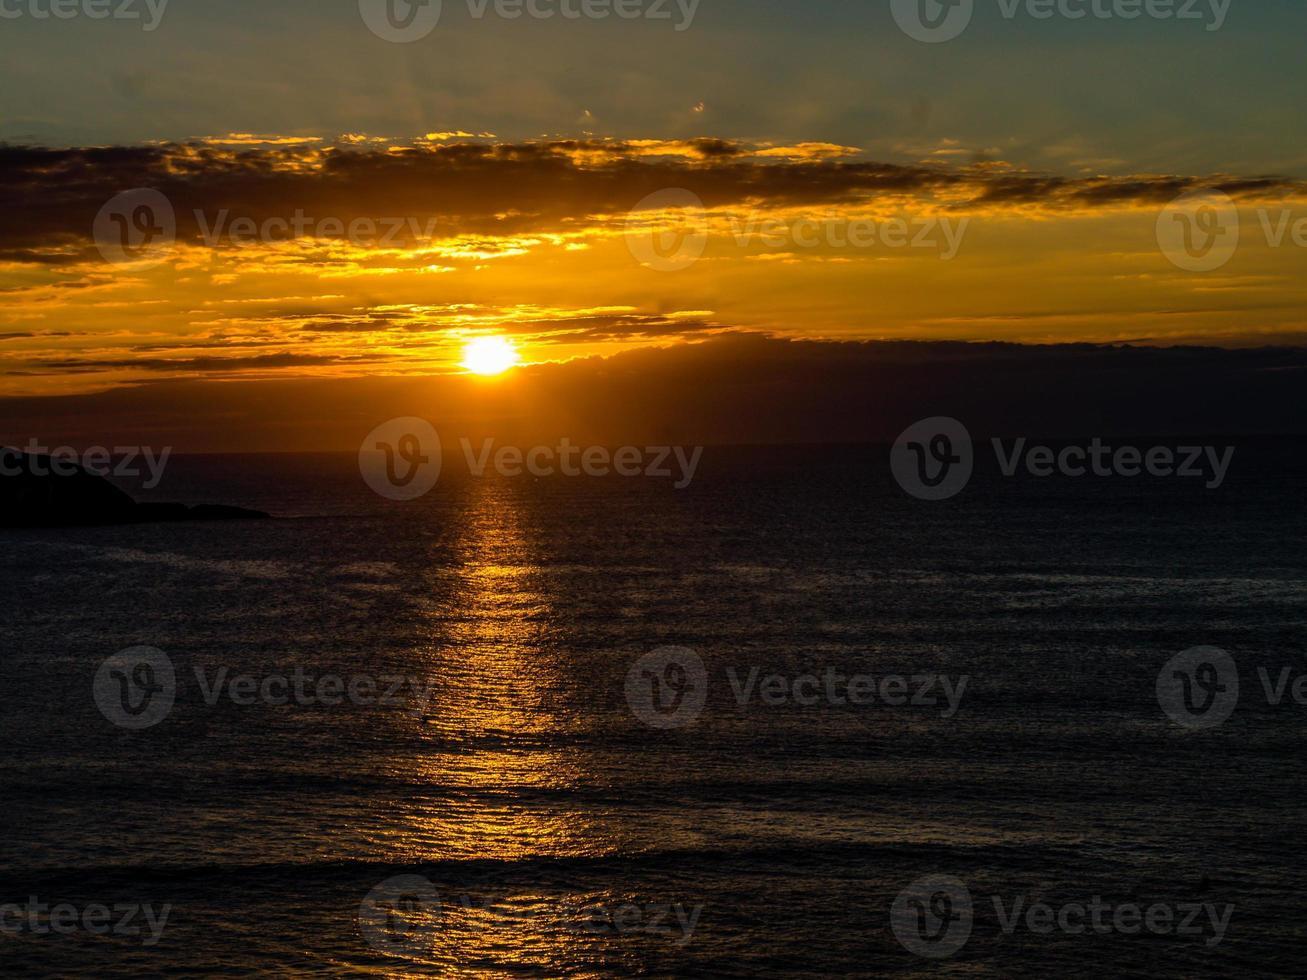 Coucher de soleil sur la plage de muriwai, Auckland, Nouvelle-Zélande photo